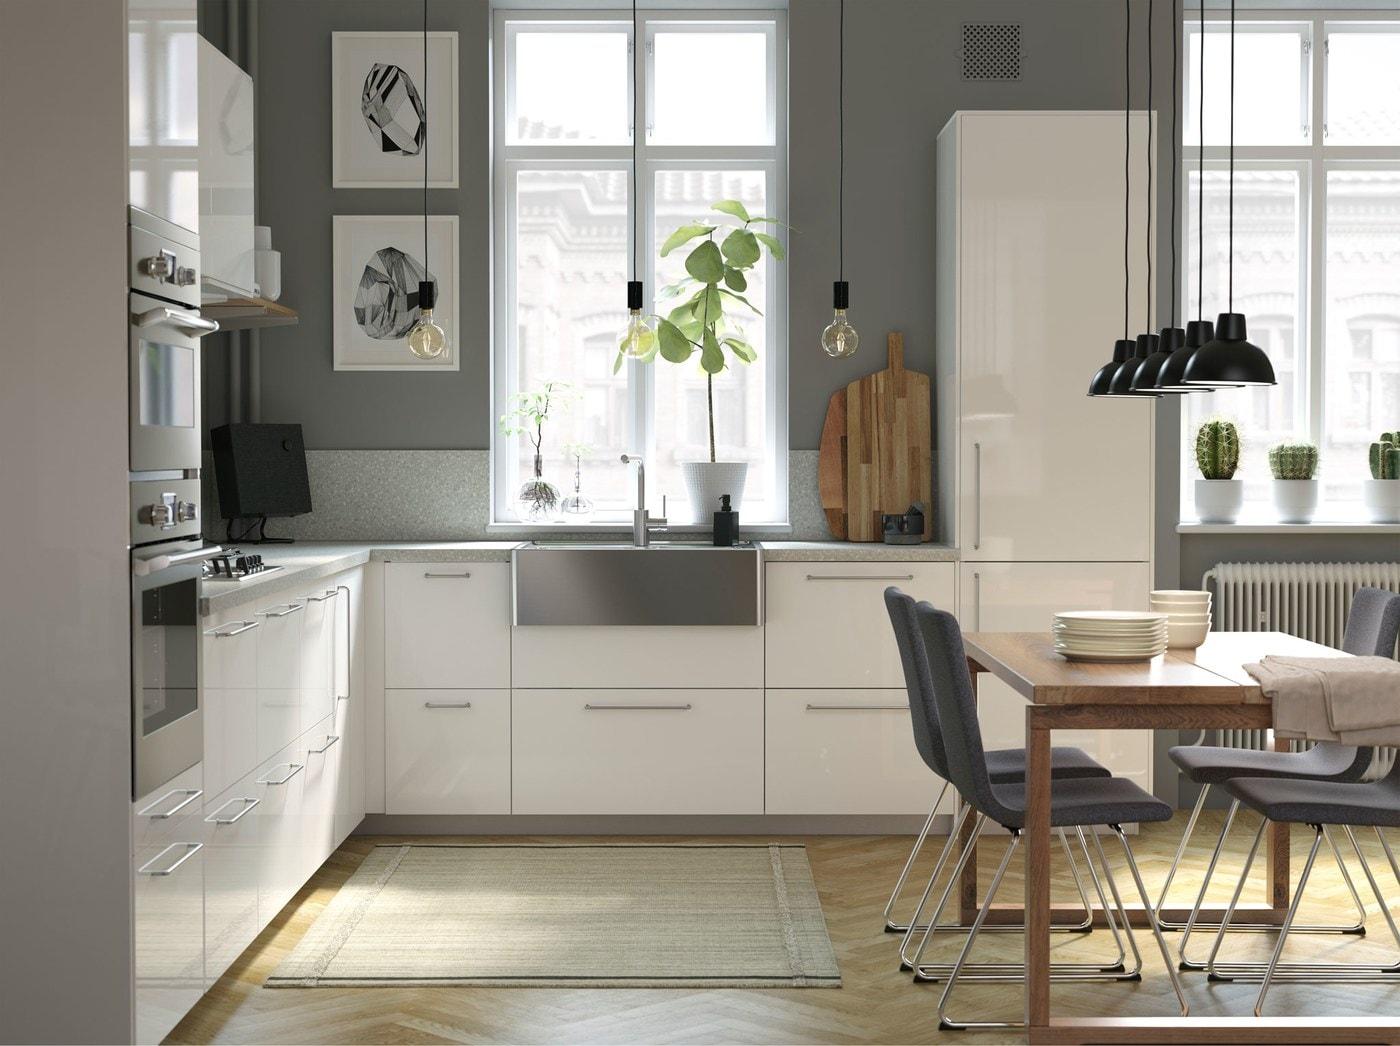 مطبخ عصري زاهي بتفاصيل خشبية. - IKEA